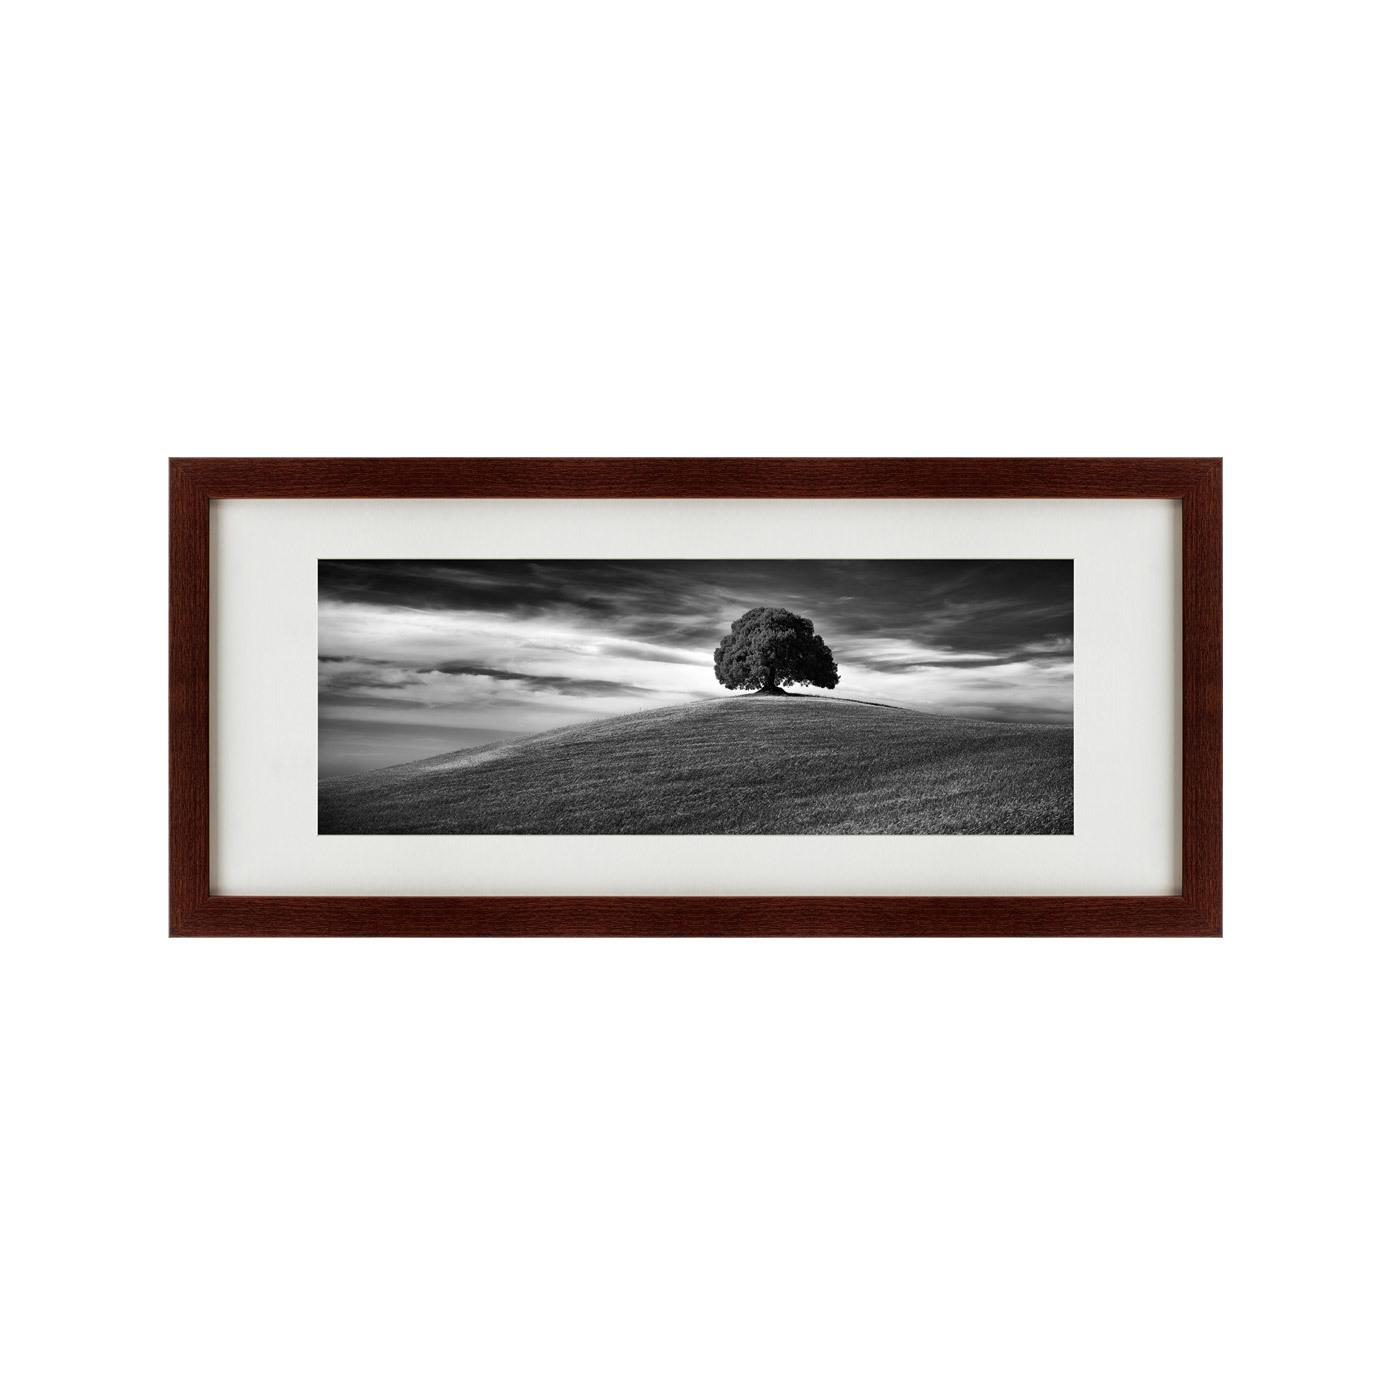 {} Картины в Квартиру Картина Дерево На Холме (35х77 см) картины в квартиру картина лев и олени 35х77 см